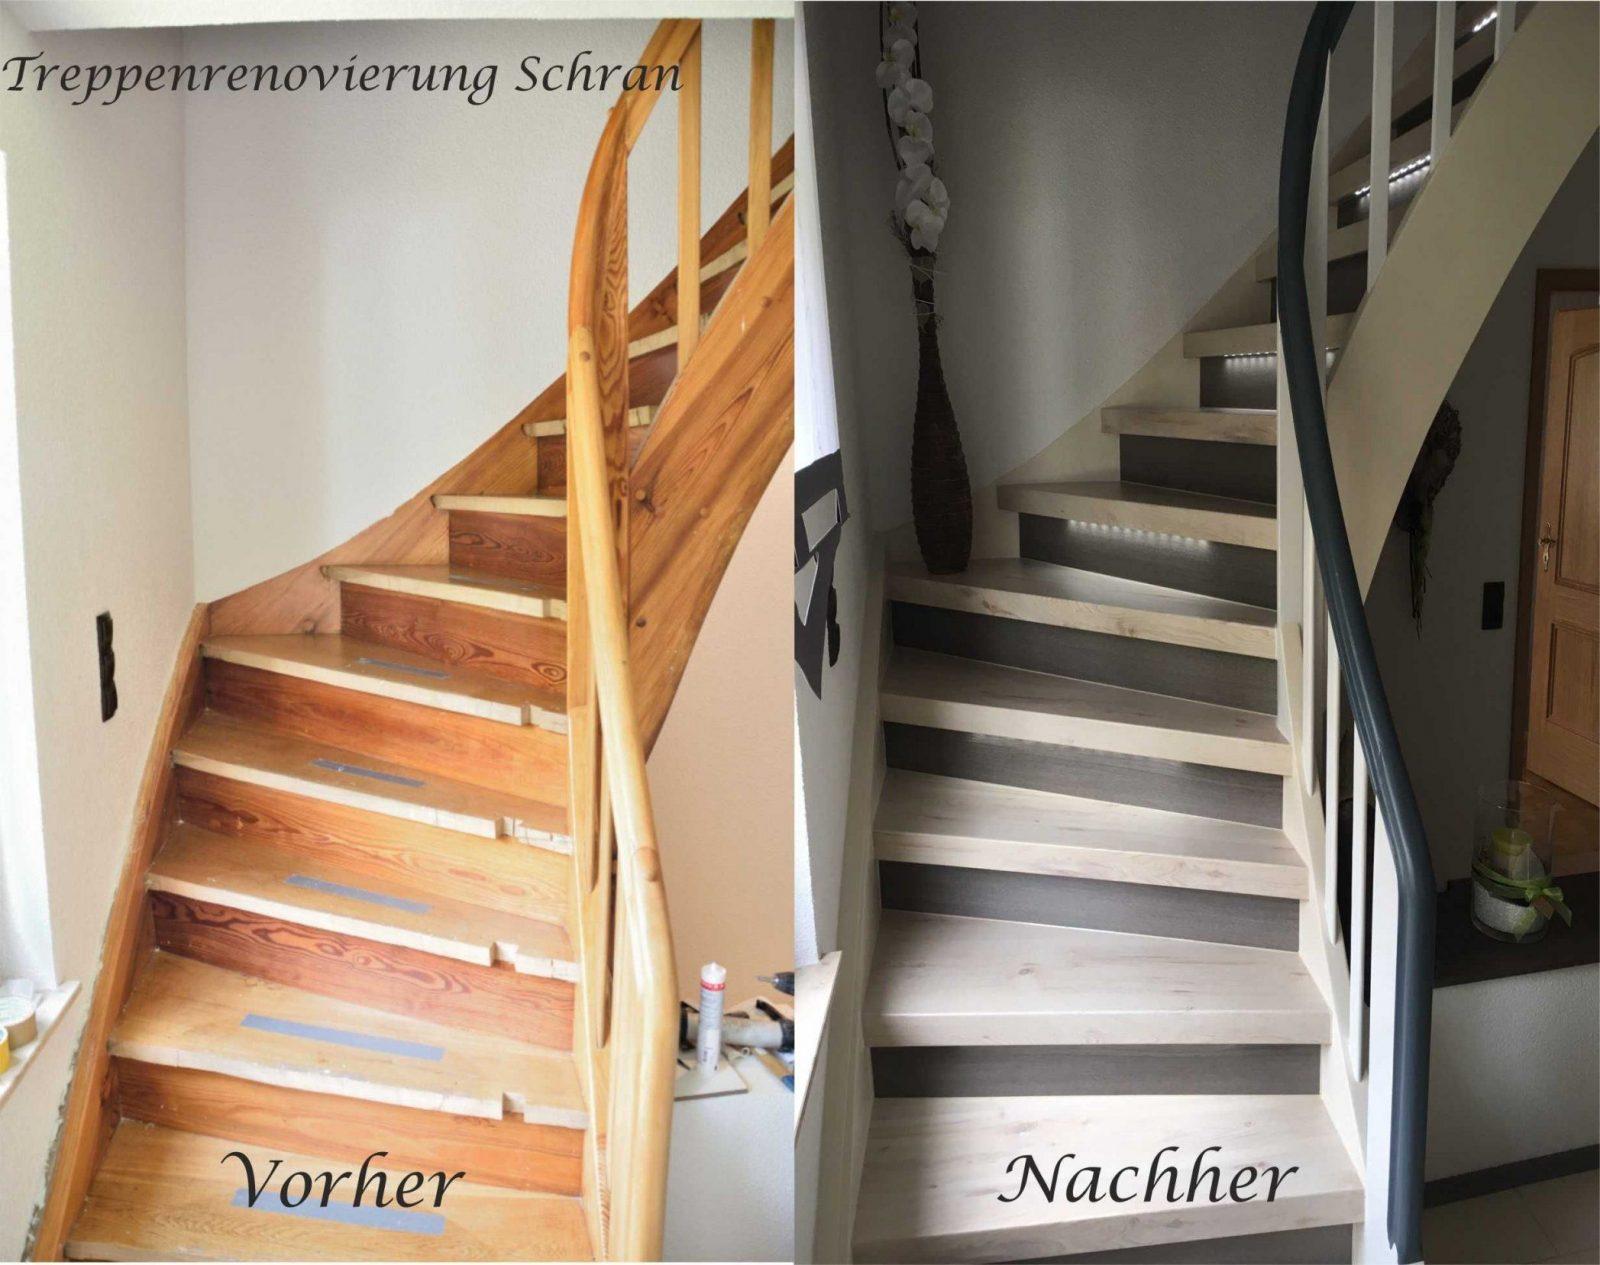 Bildergalerie  Treppenrenovierung  Setzstufen Treppenrenovierung von Altes Treppenhaus Neu Gestalten Bild